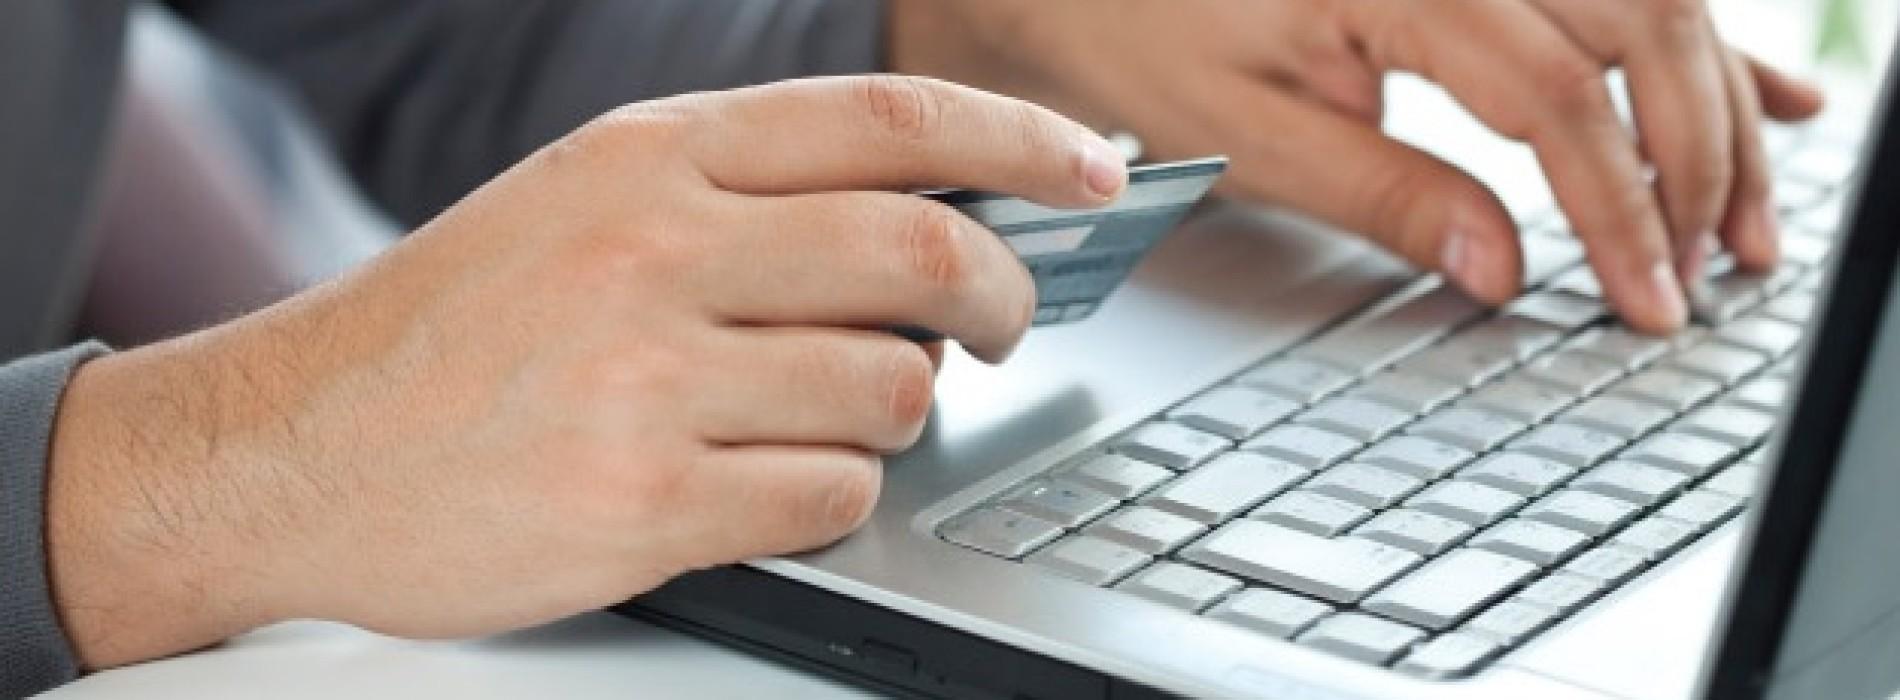 Polacy coraz częściej kupują produkty bankowe w kanałach zdalnych